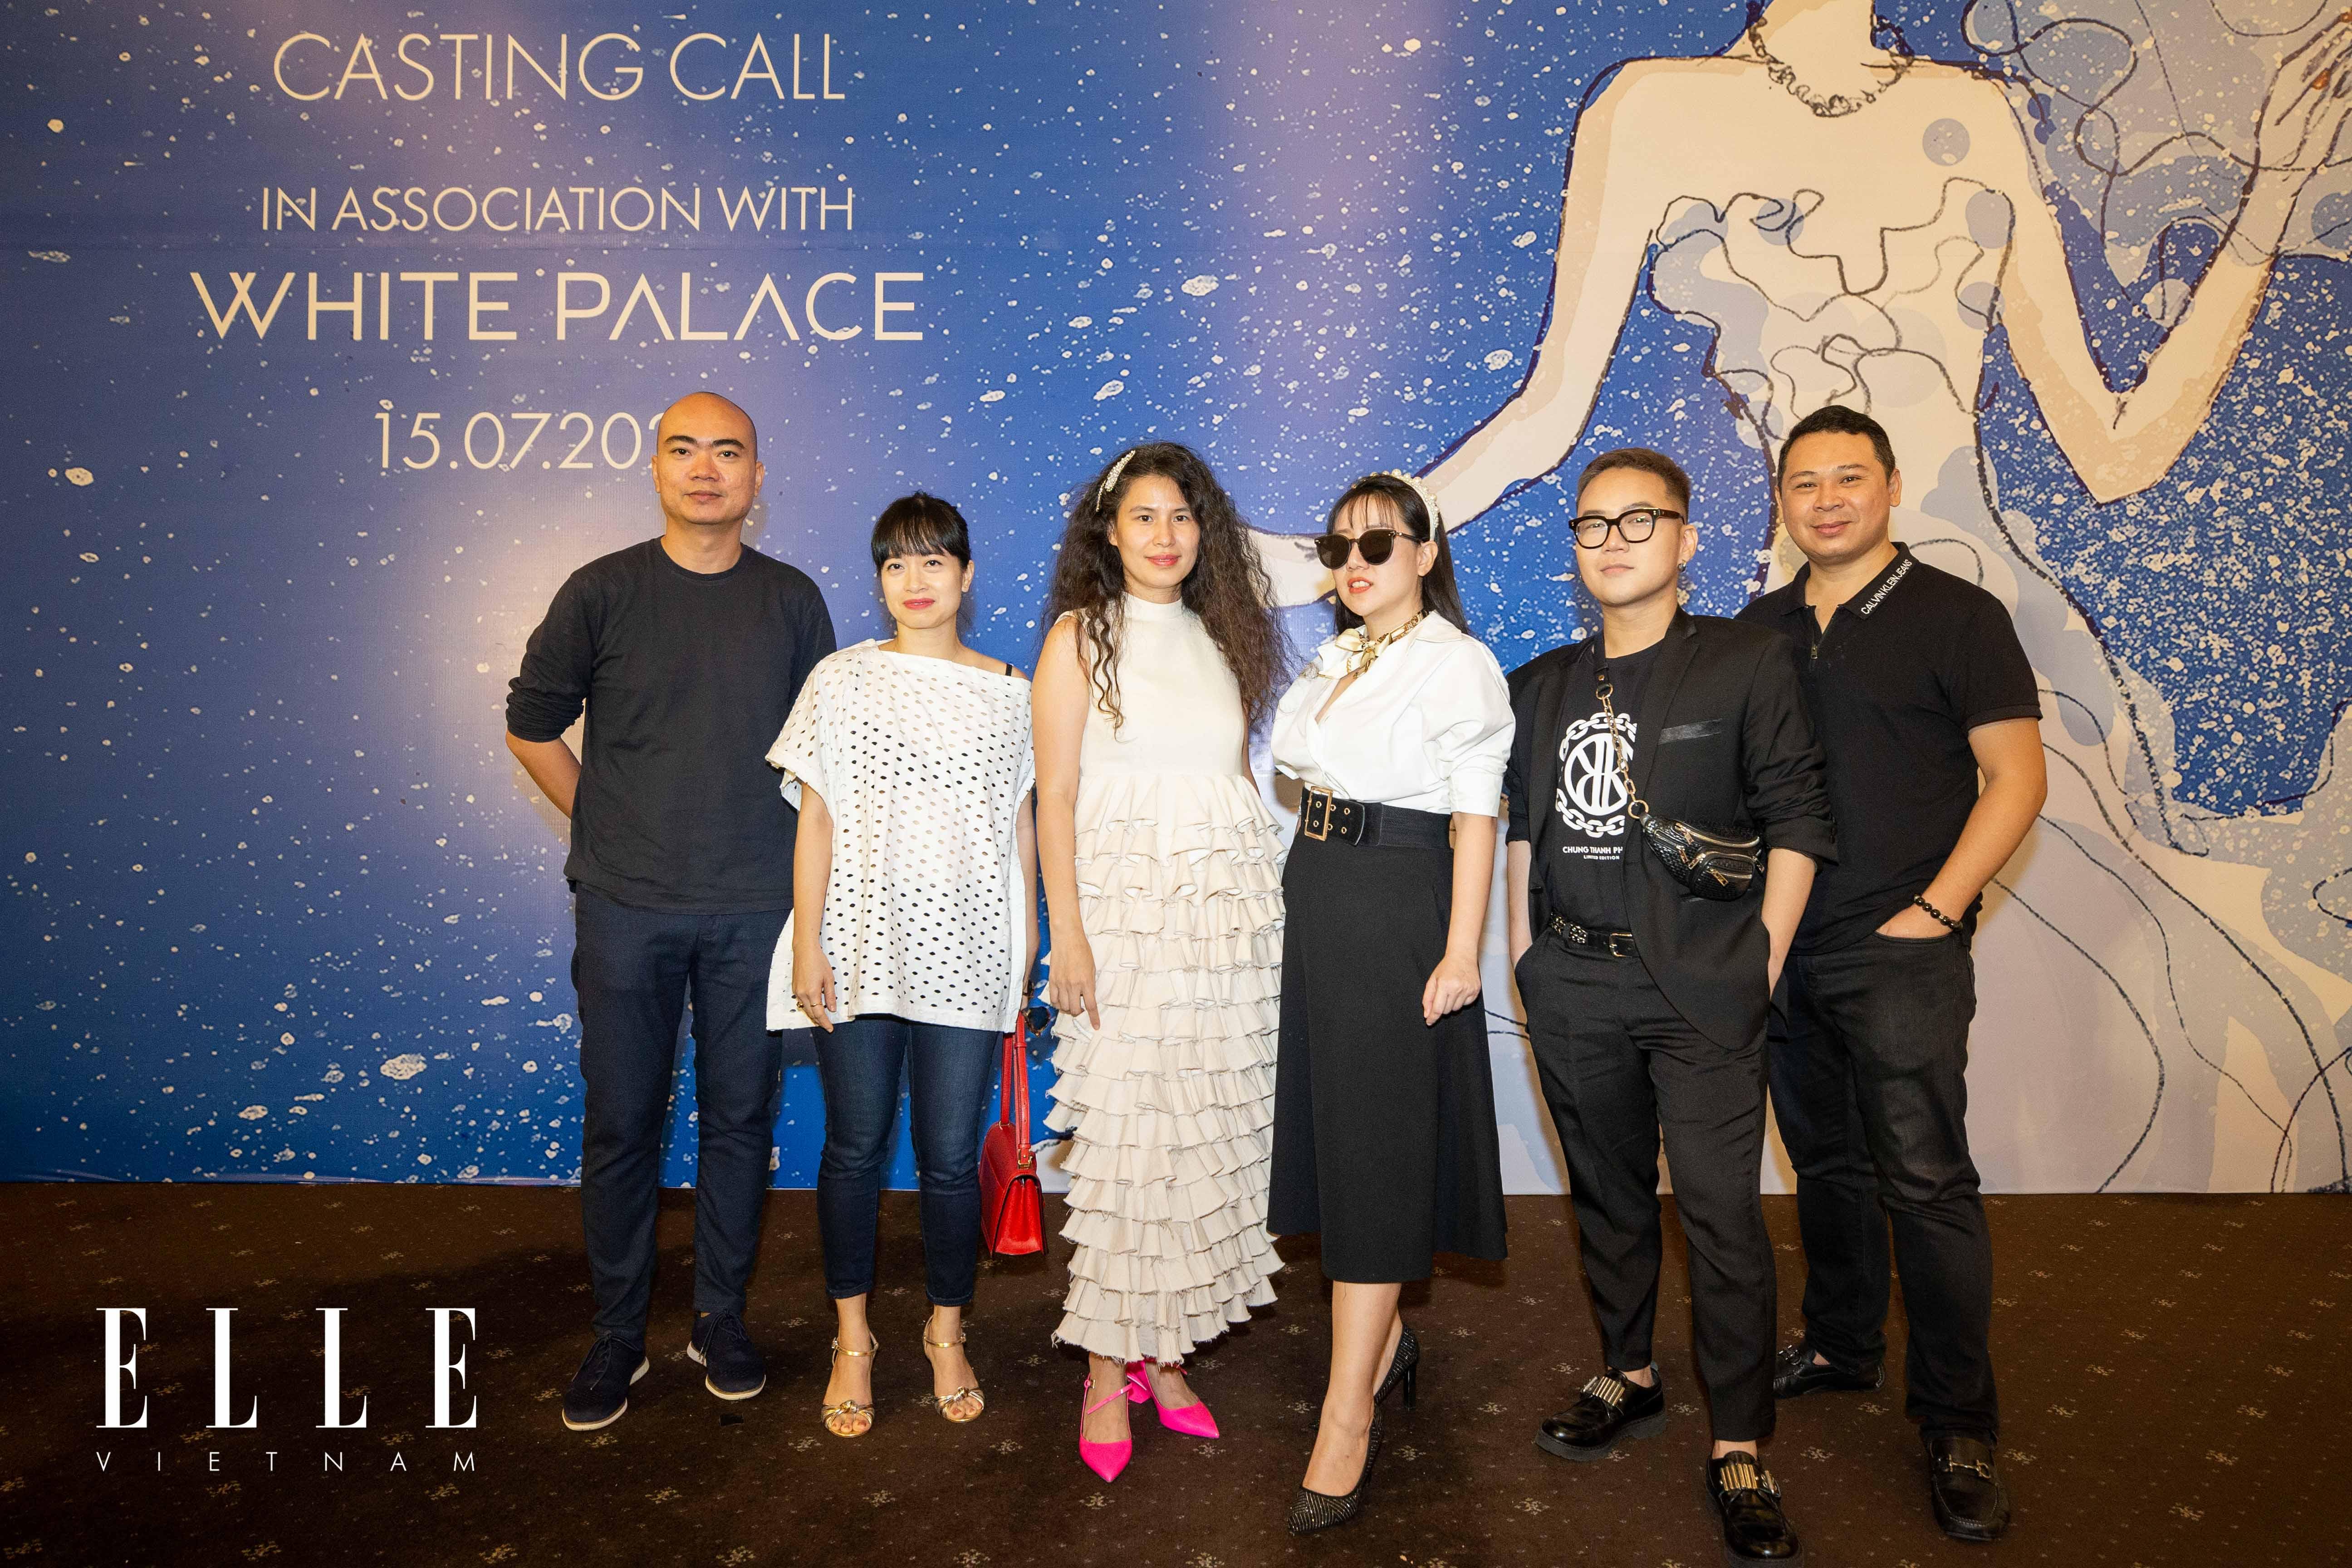 ban giám khảo của buổi tuyển chọn người mẫu cho elle wedding art gallery 2020 white palace